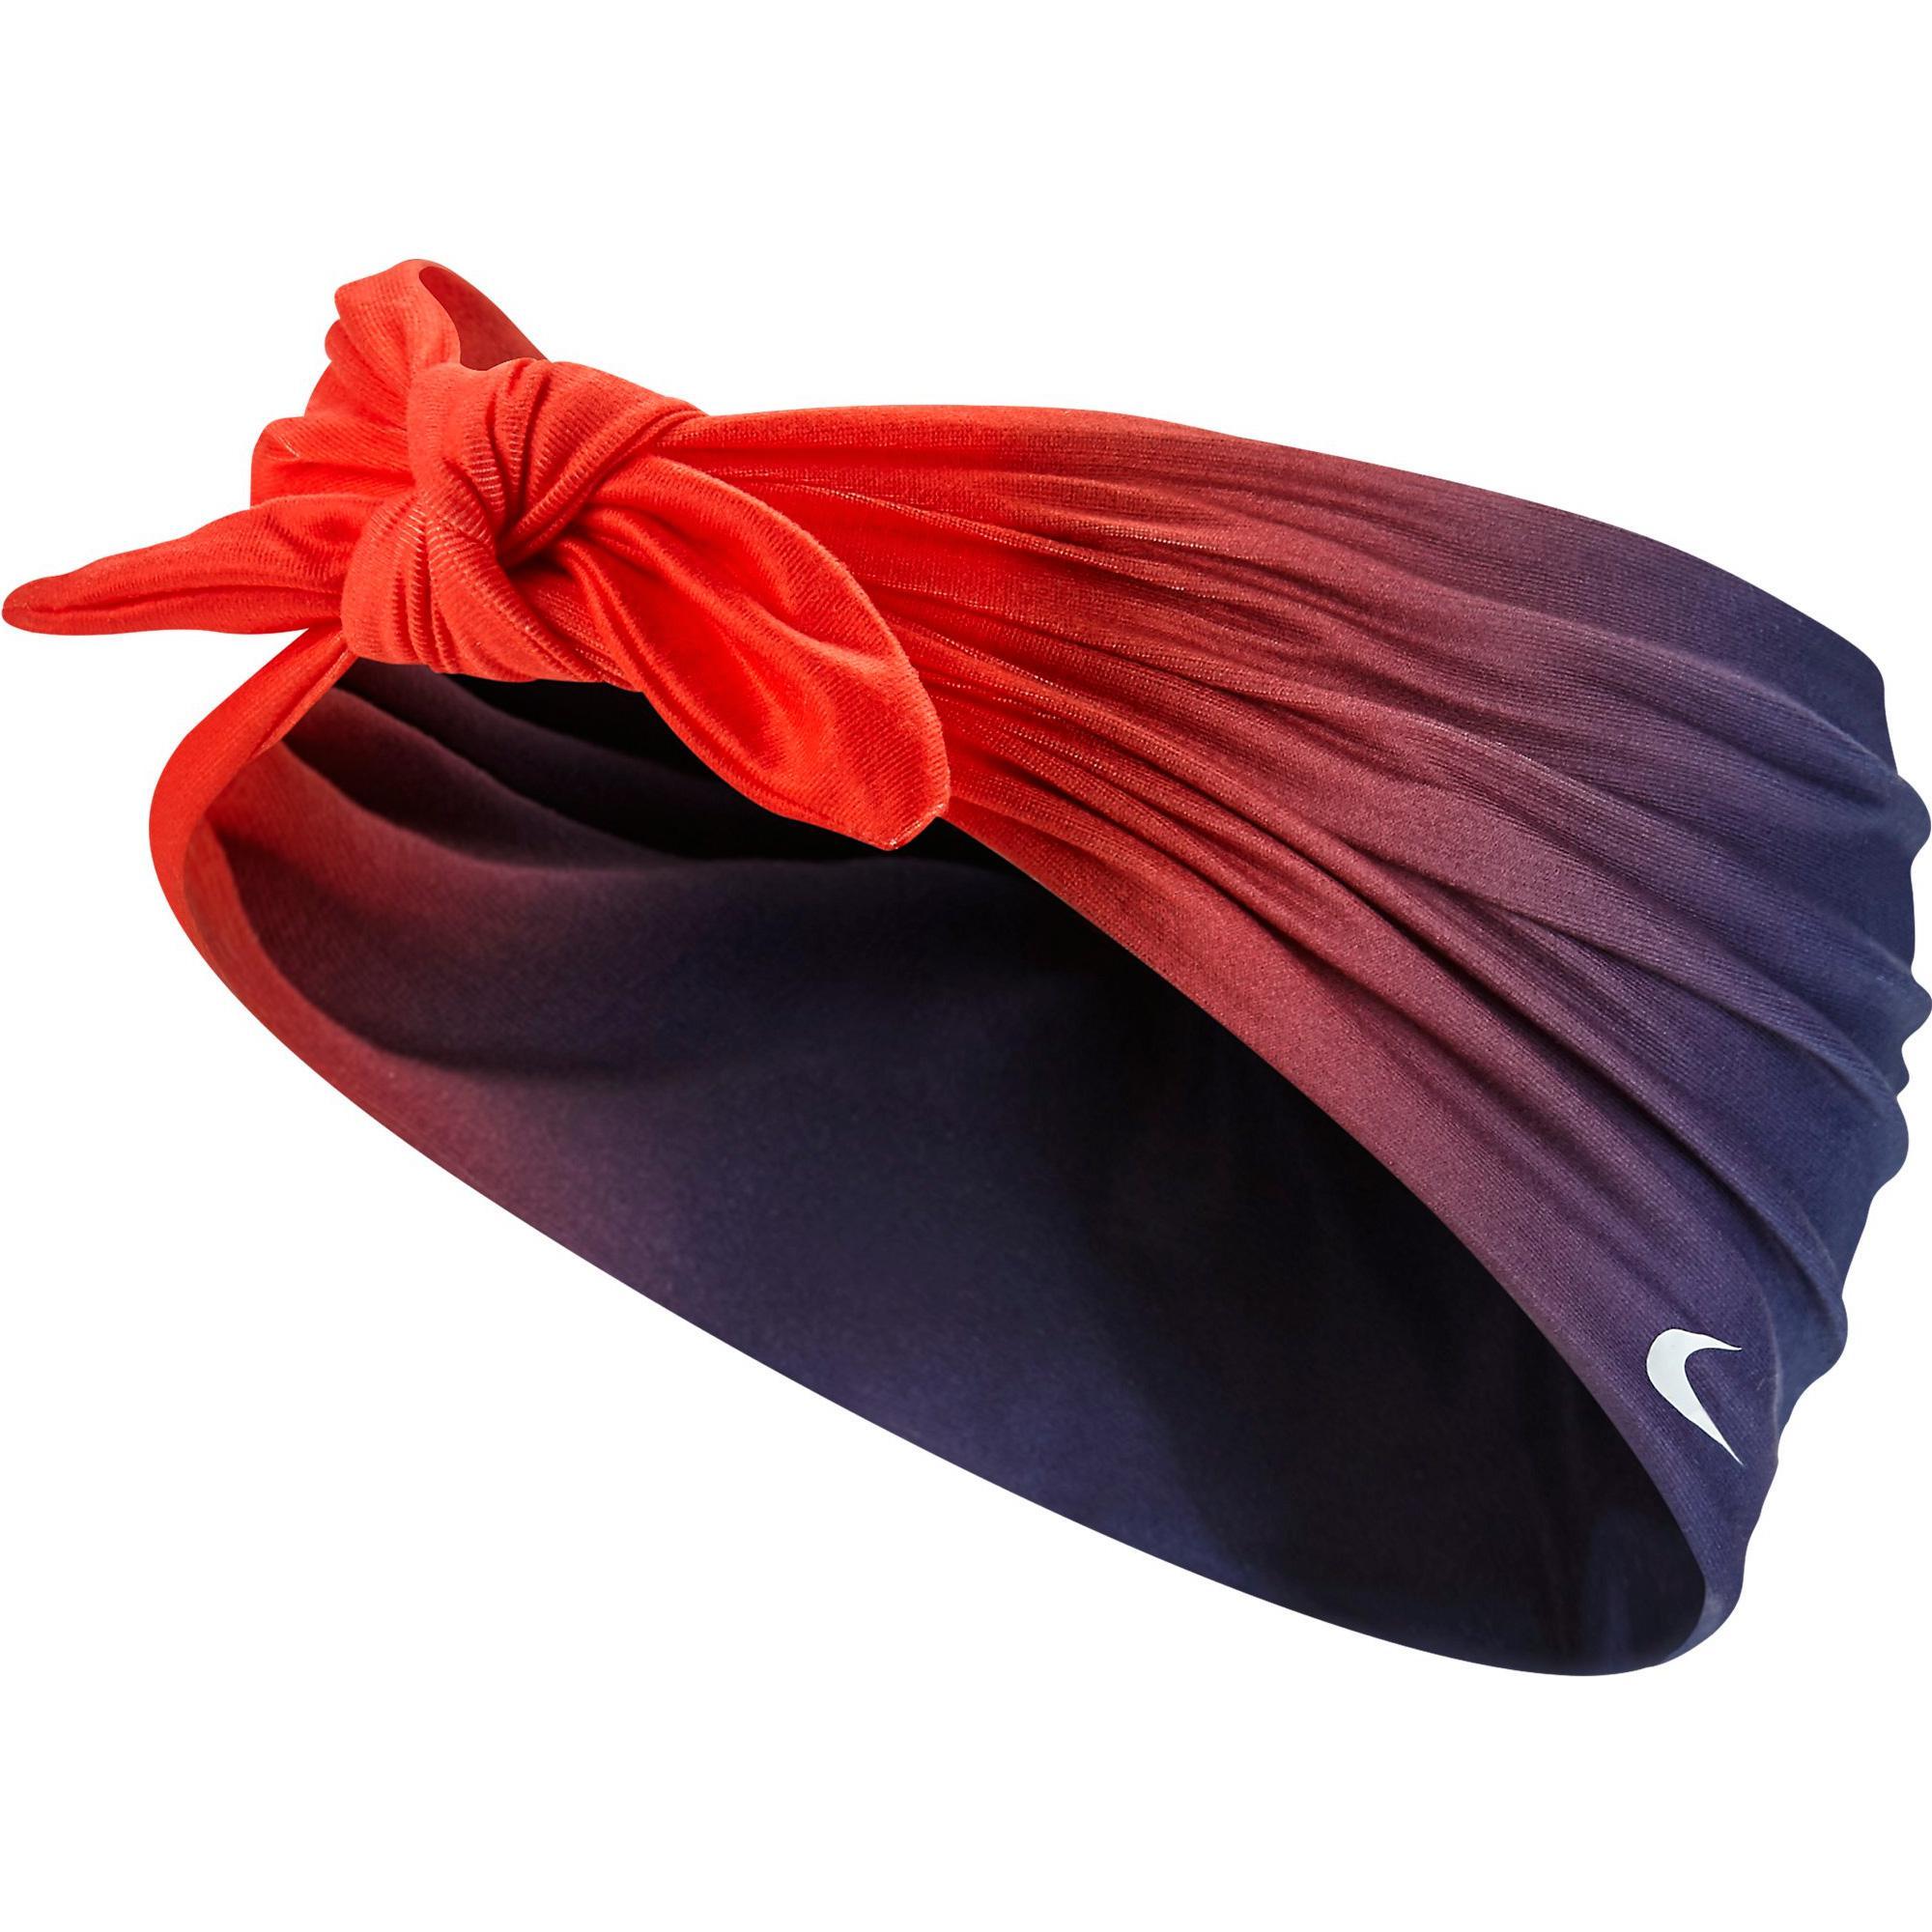 Nike Printed Central Headband - Red Purple - Tennisnuts.com be6b9eb009e